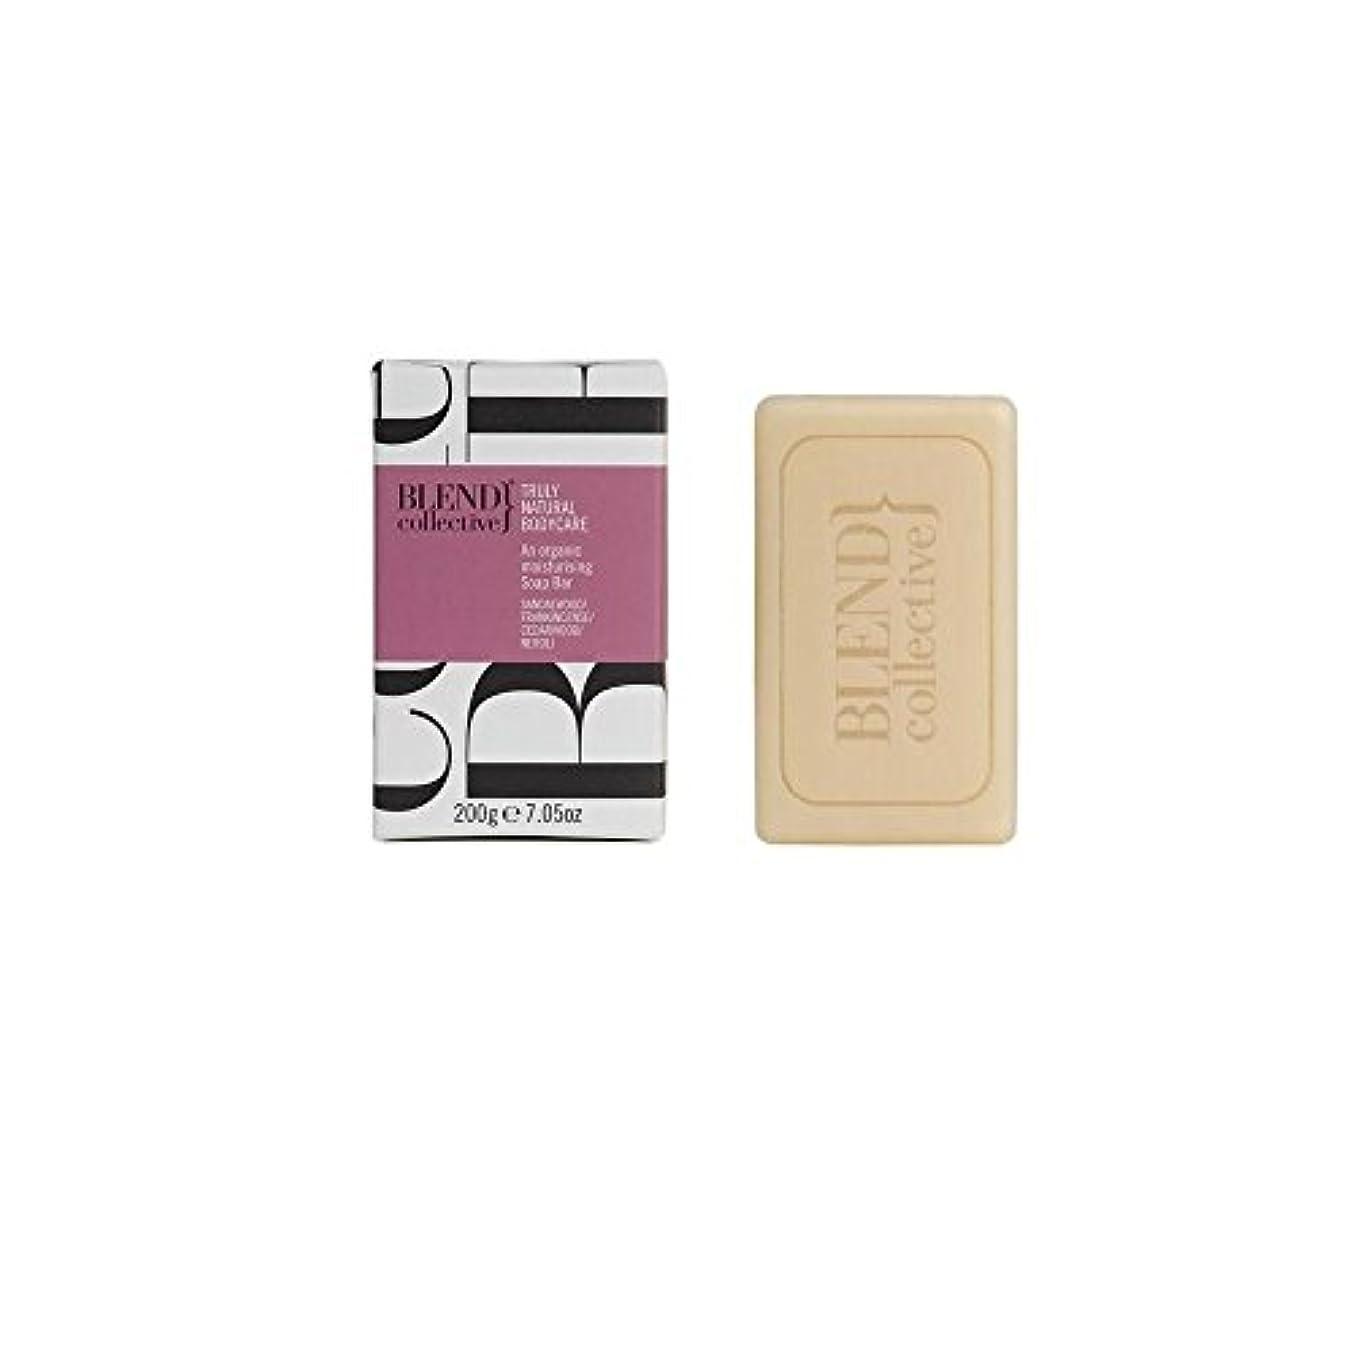 お香初期の折るBlend Collective Unwinding Soap Bar (200g) 集合的な巻き戻し固形石鹸( 200グラム)をブレンド [並行輸入品]